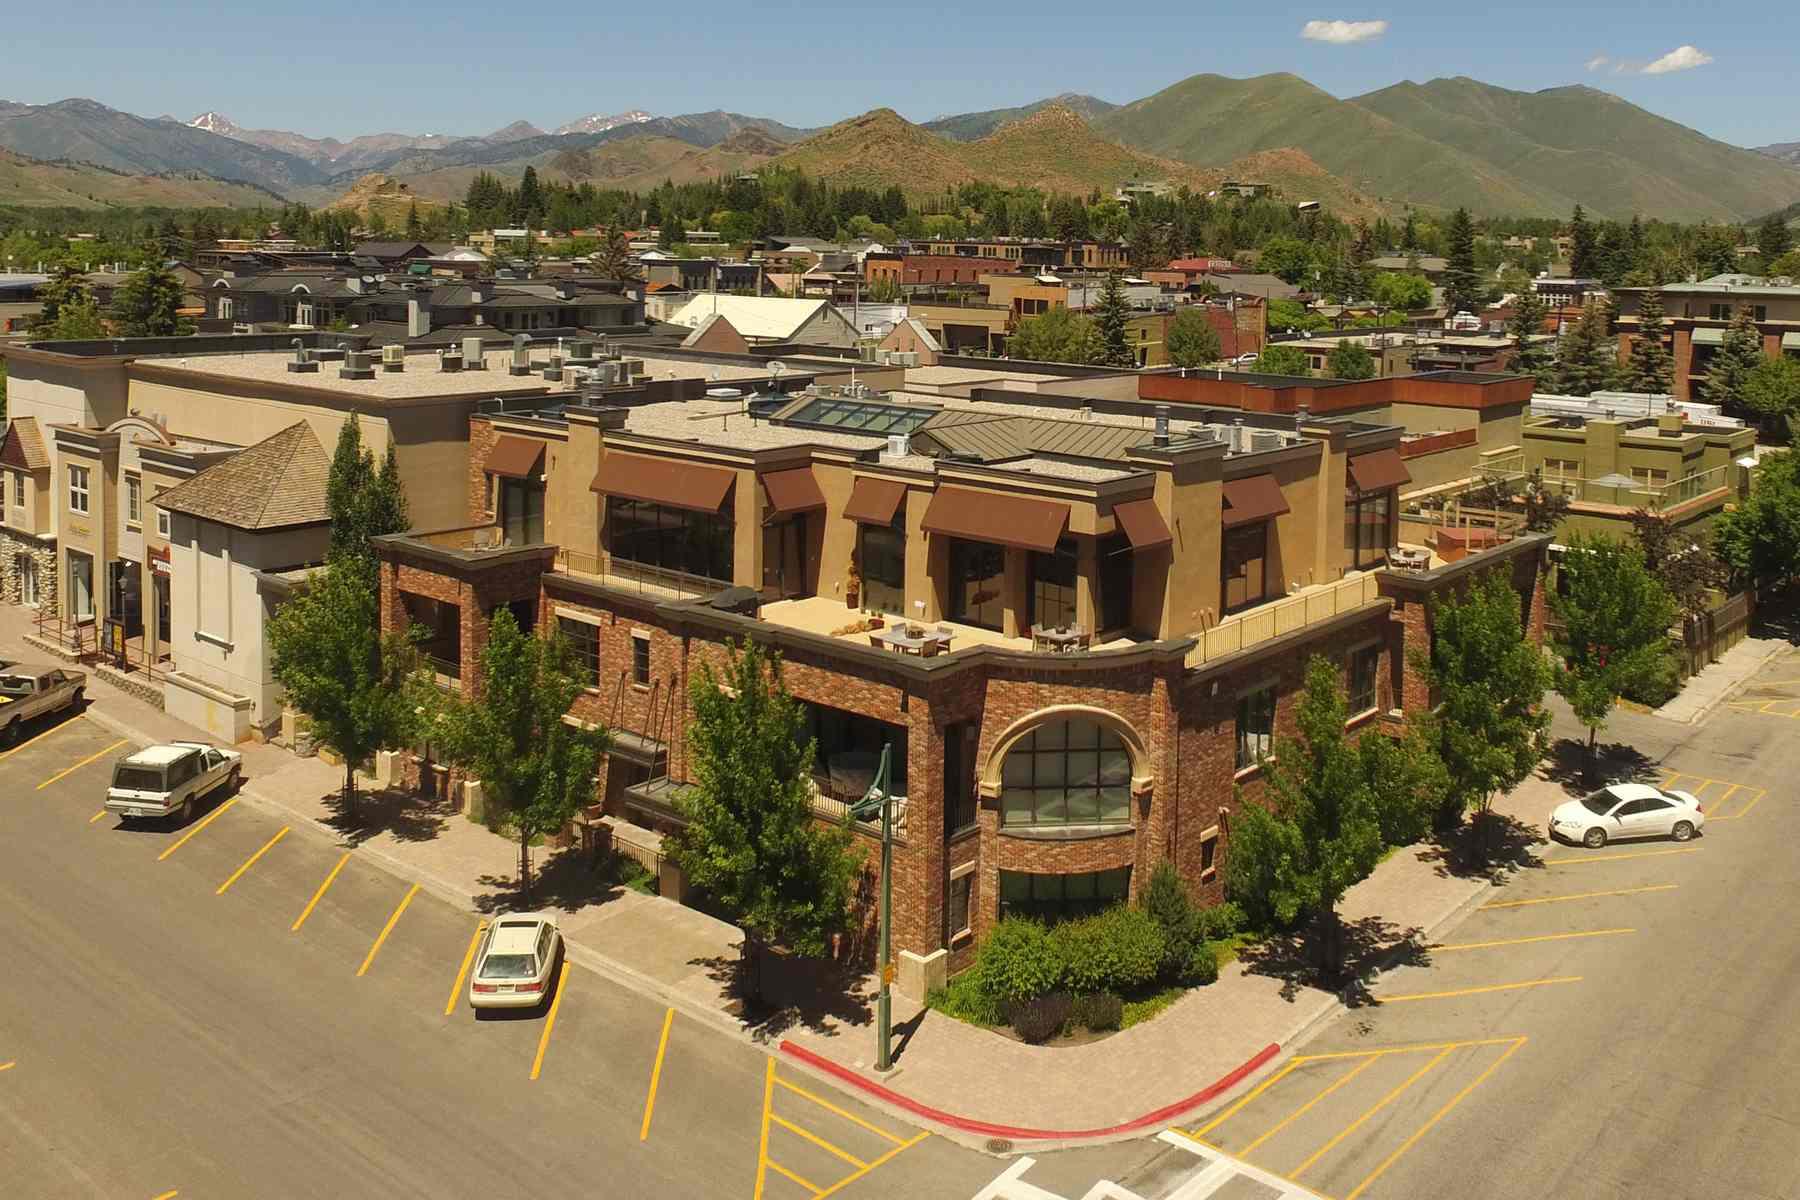 共管式独立产权公寓 为 销售 在 First and First Condo 100 N 1st Ave, Unit C 凯彻姆, 爱达荷州 83340 美国